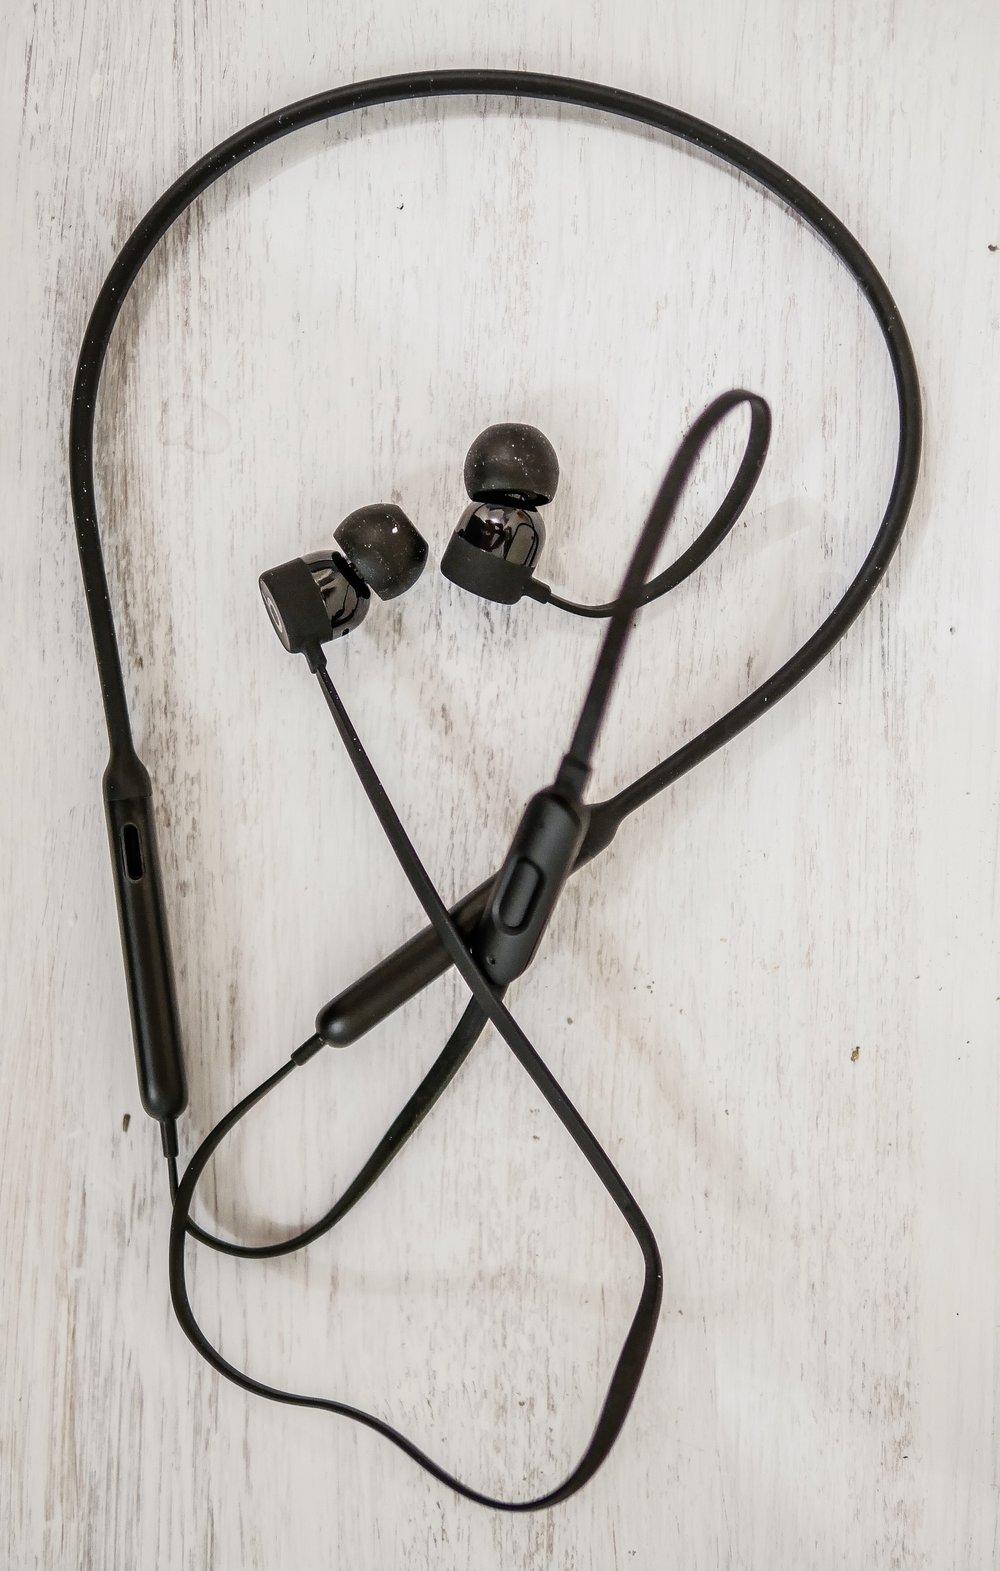 Beats x earphones in black color.